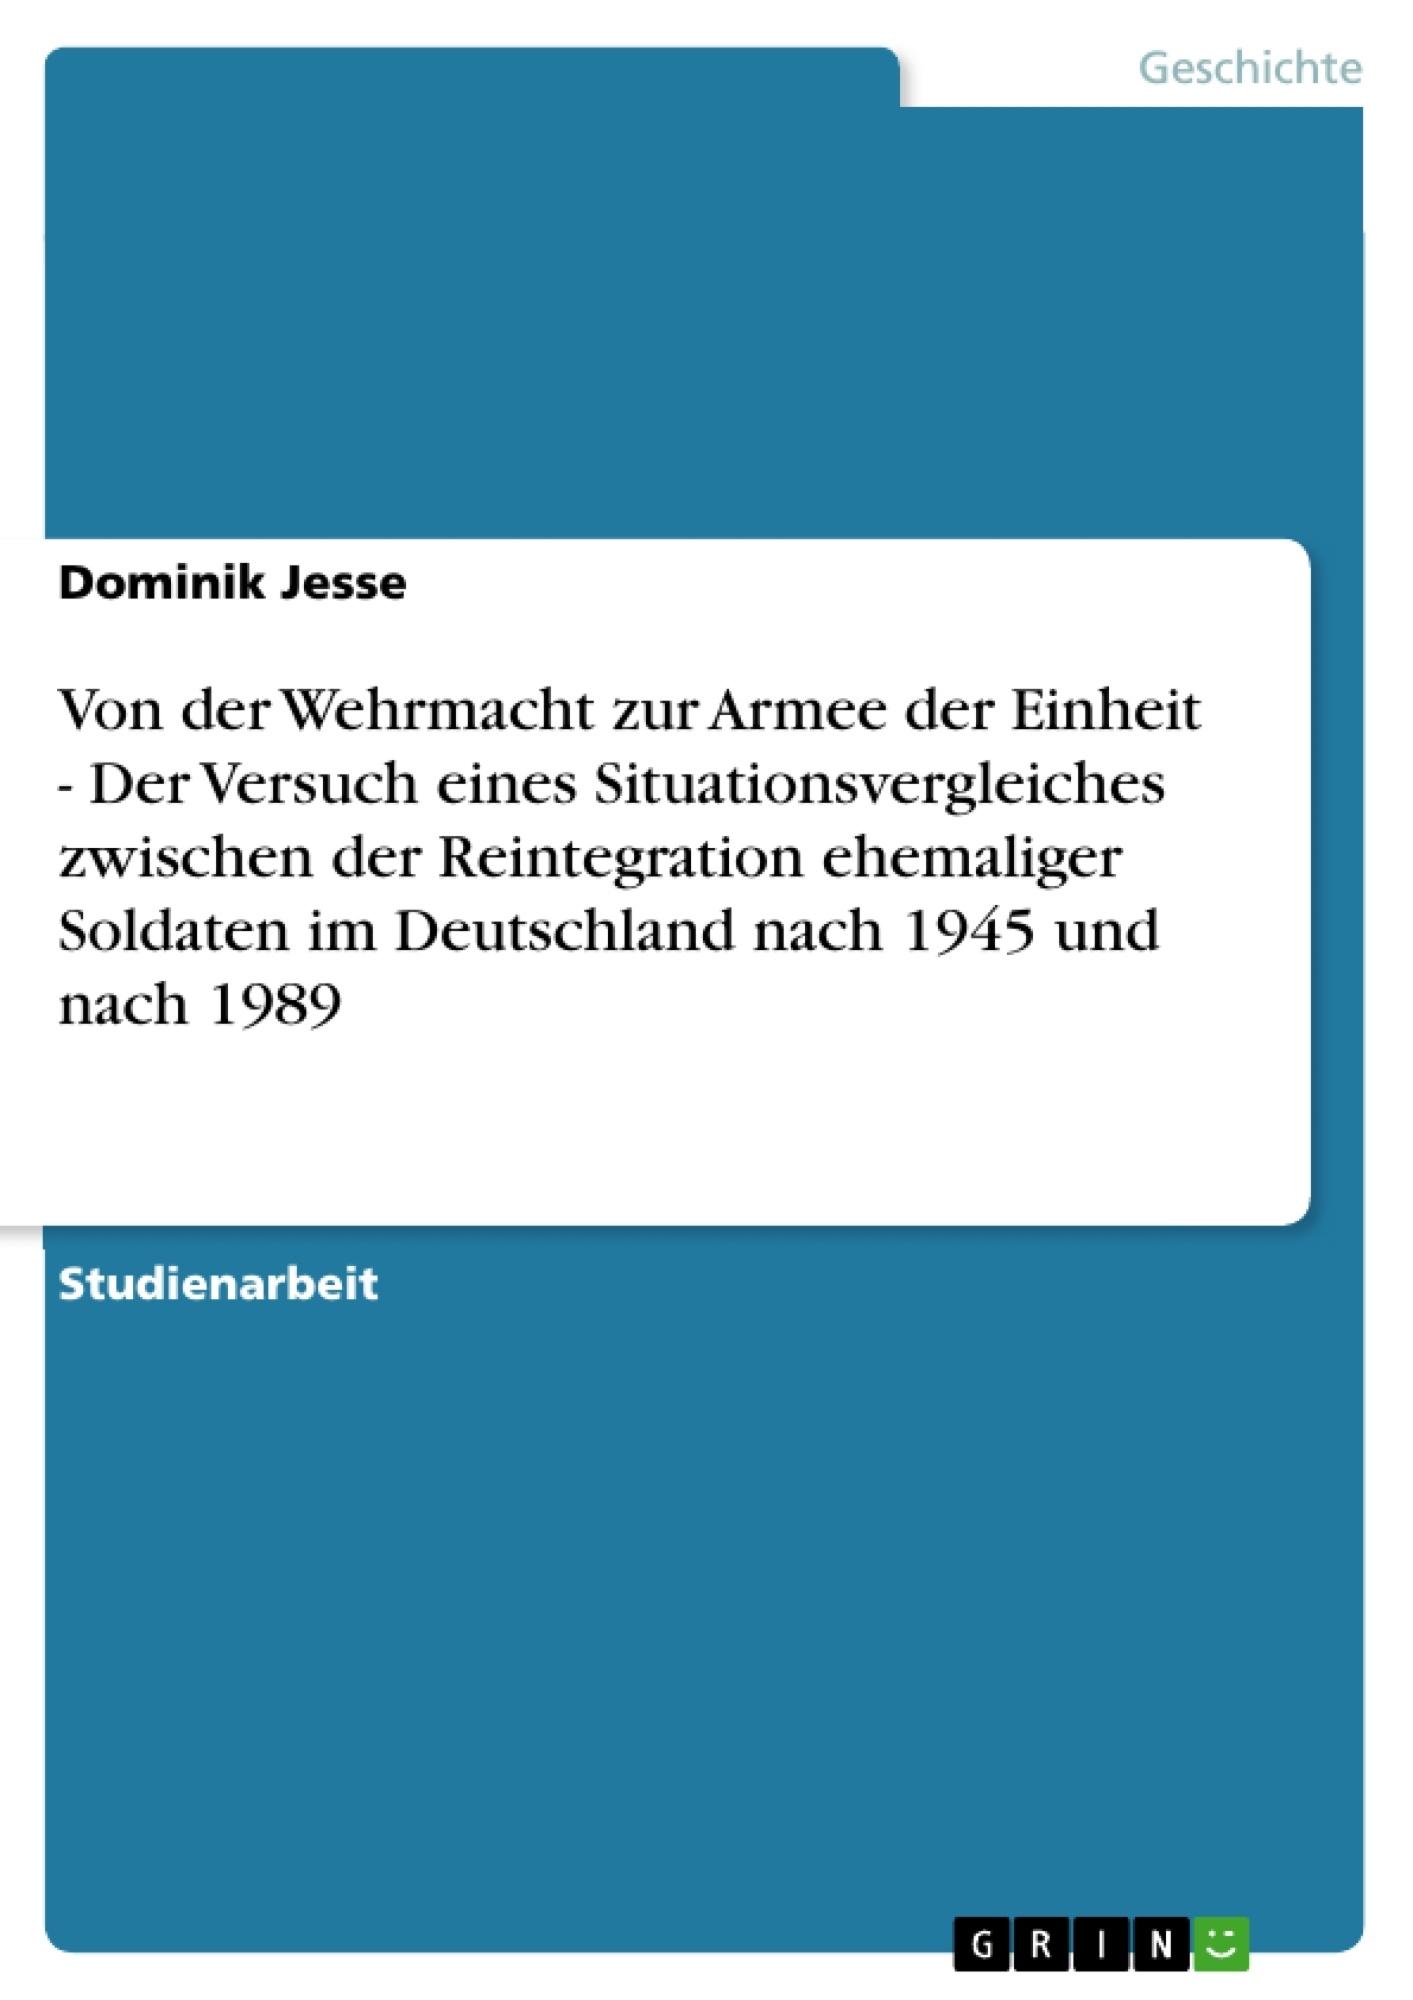 Titel: Von der Wehrmacht zur Armee der Einheit - Der Versuch eines Situationsvergleiches zwischen der Reintegration ehemaliger Soldaten im Deutschland nach 1945 und nach 1989